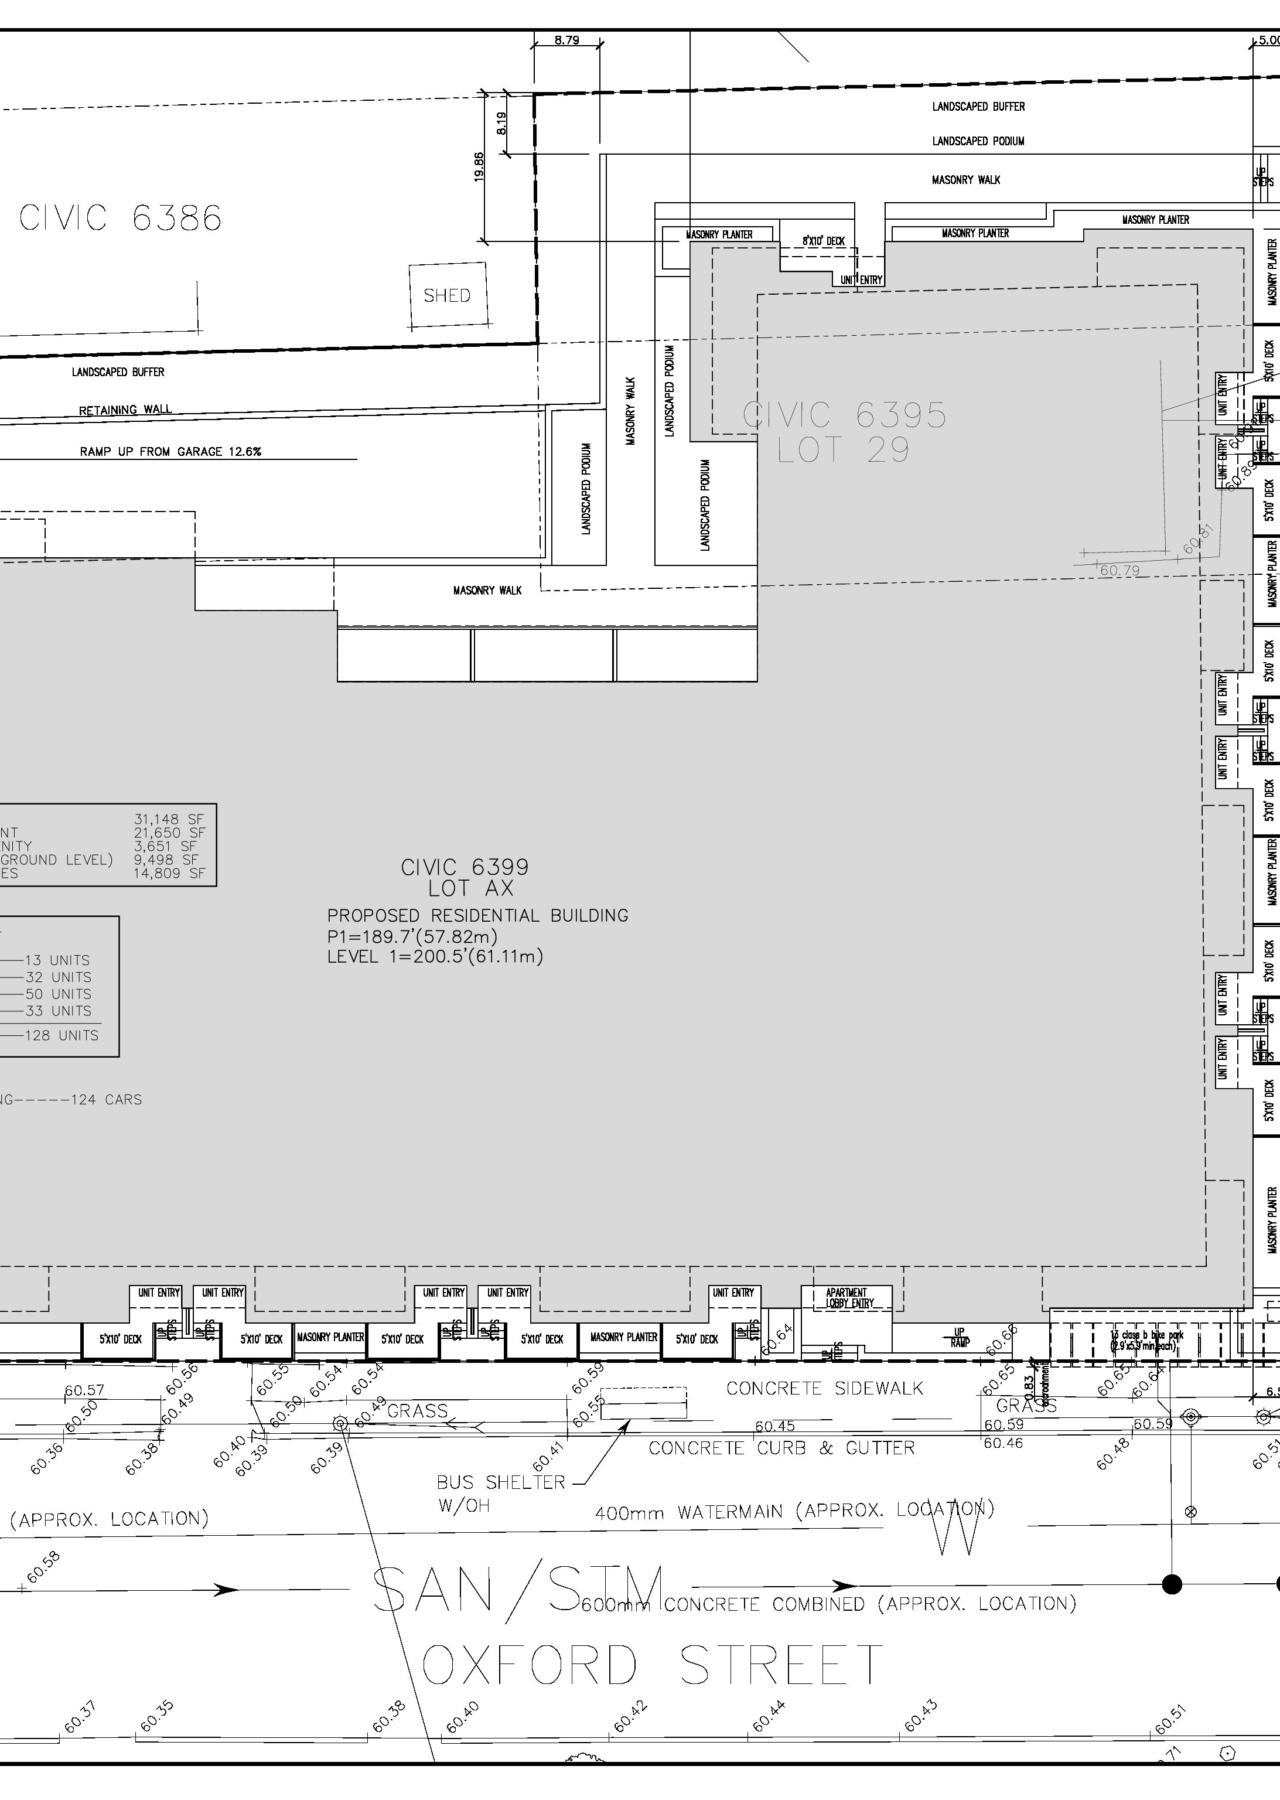 3093 A1 site plan-A1.0